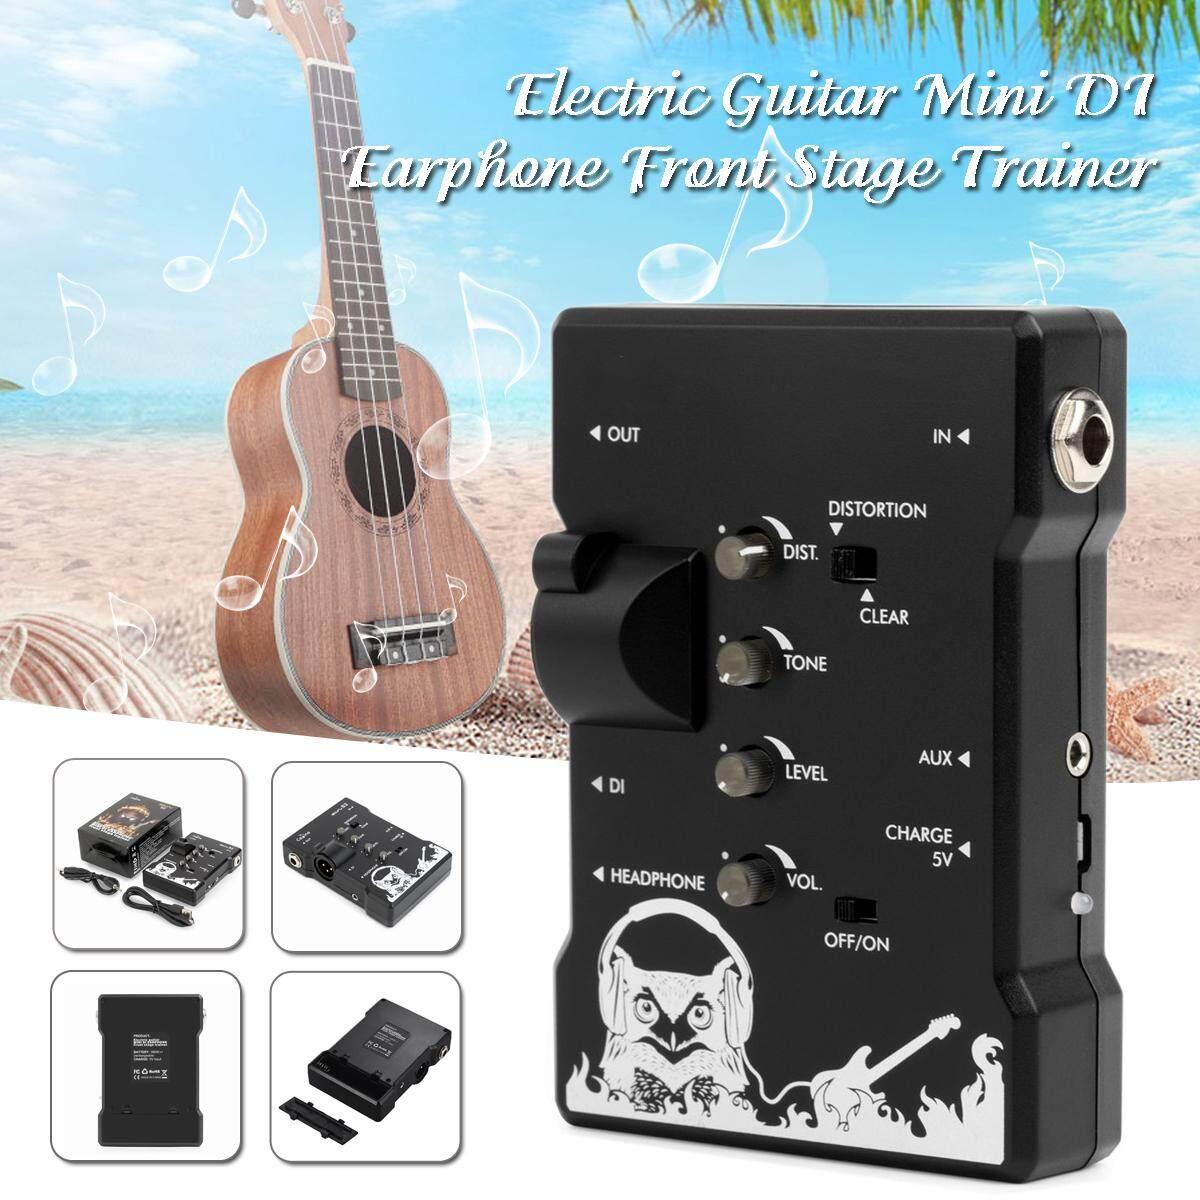 Caline S2 Tai Nghe DI Nhỏ Cho Guitar Điện Tập Luyện Có Thể Sạc Lại Giai Đoạn Trước Huấn Luyện Viên Bàn Đạp Hiệu Ứng Guitar